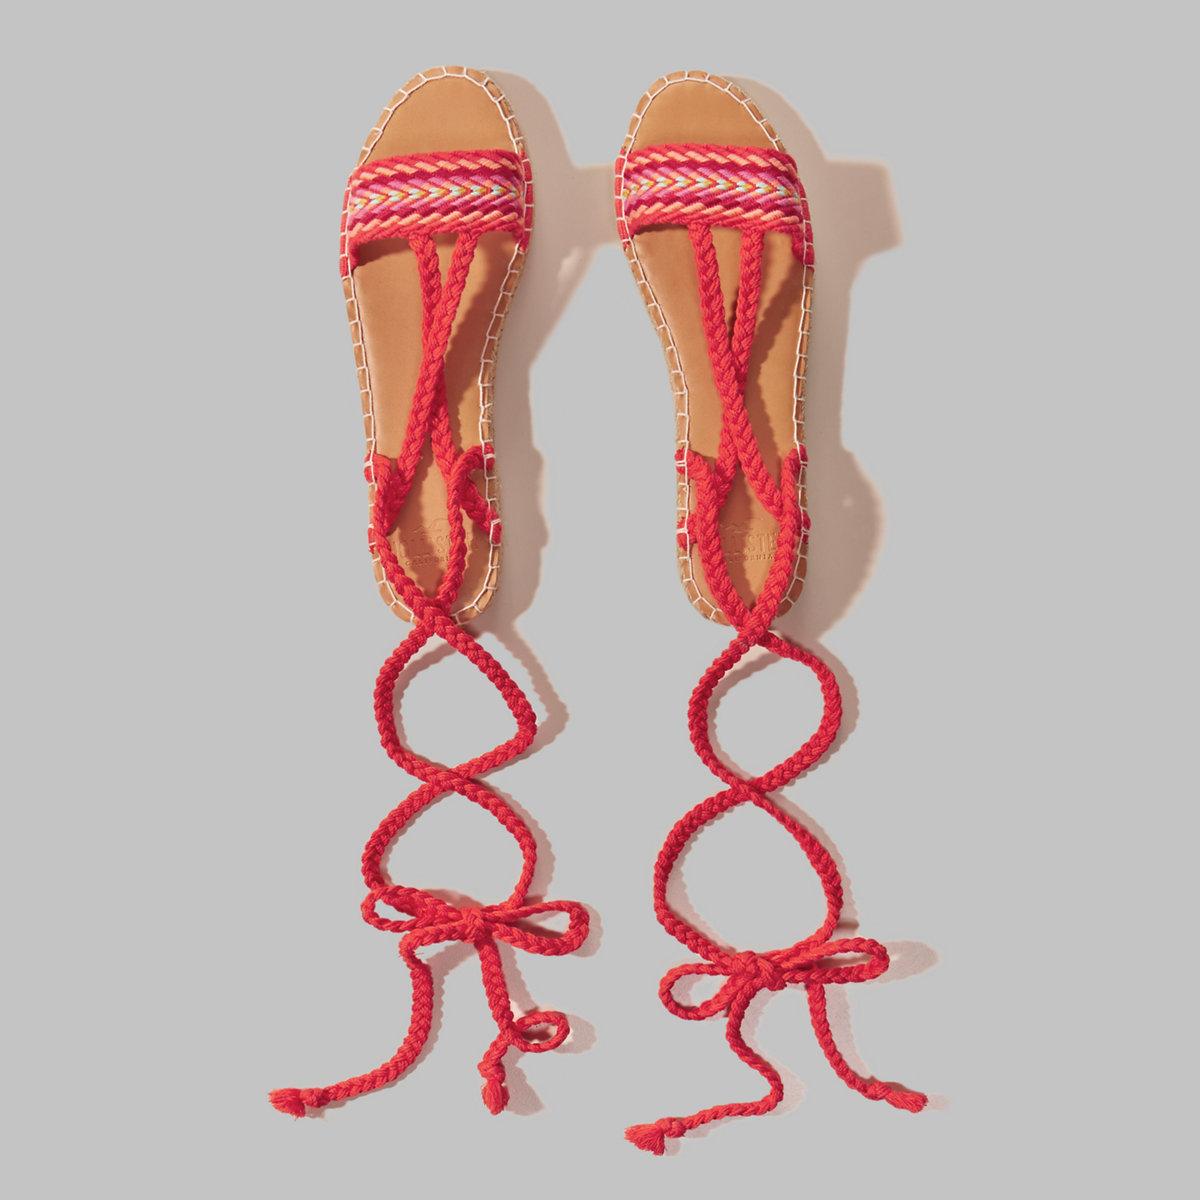 Braided Espadrille Sandals